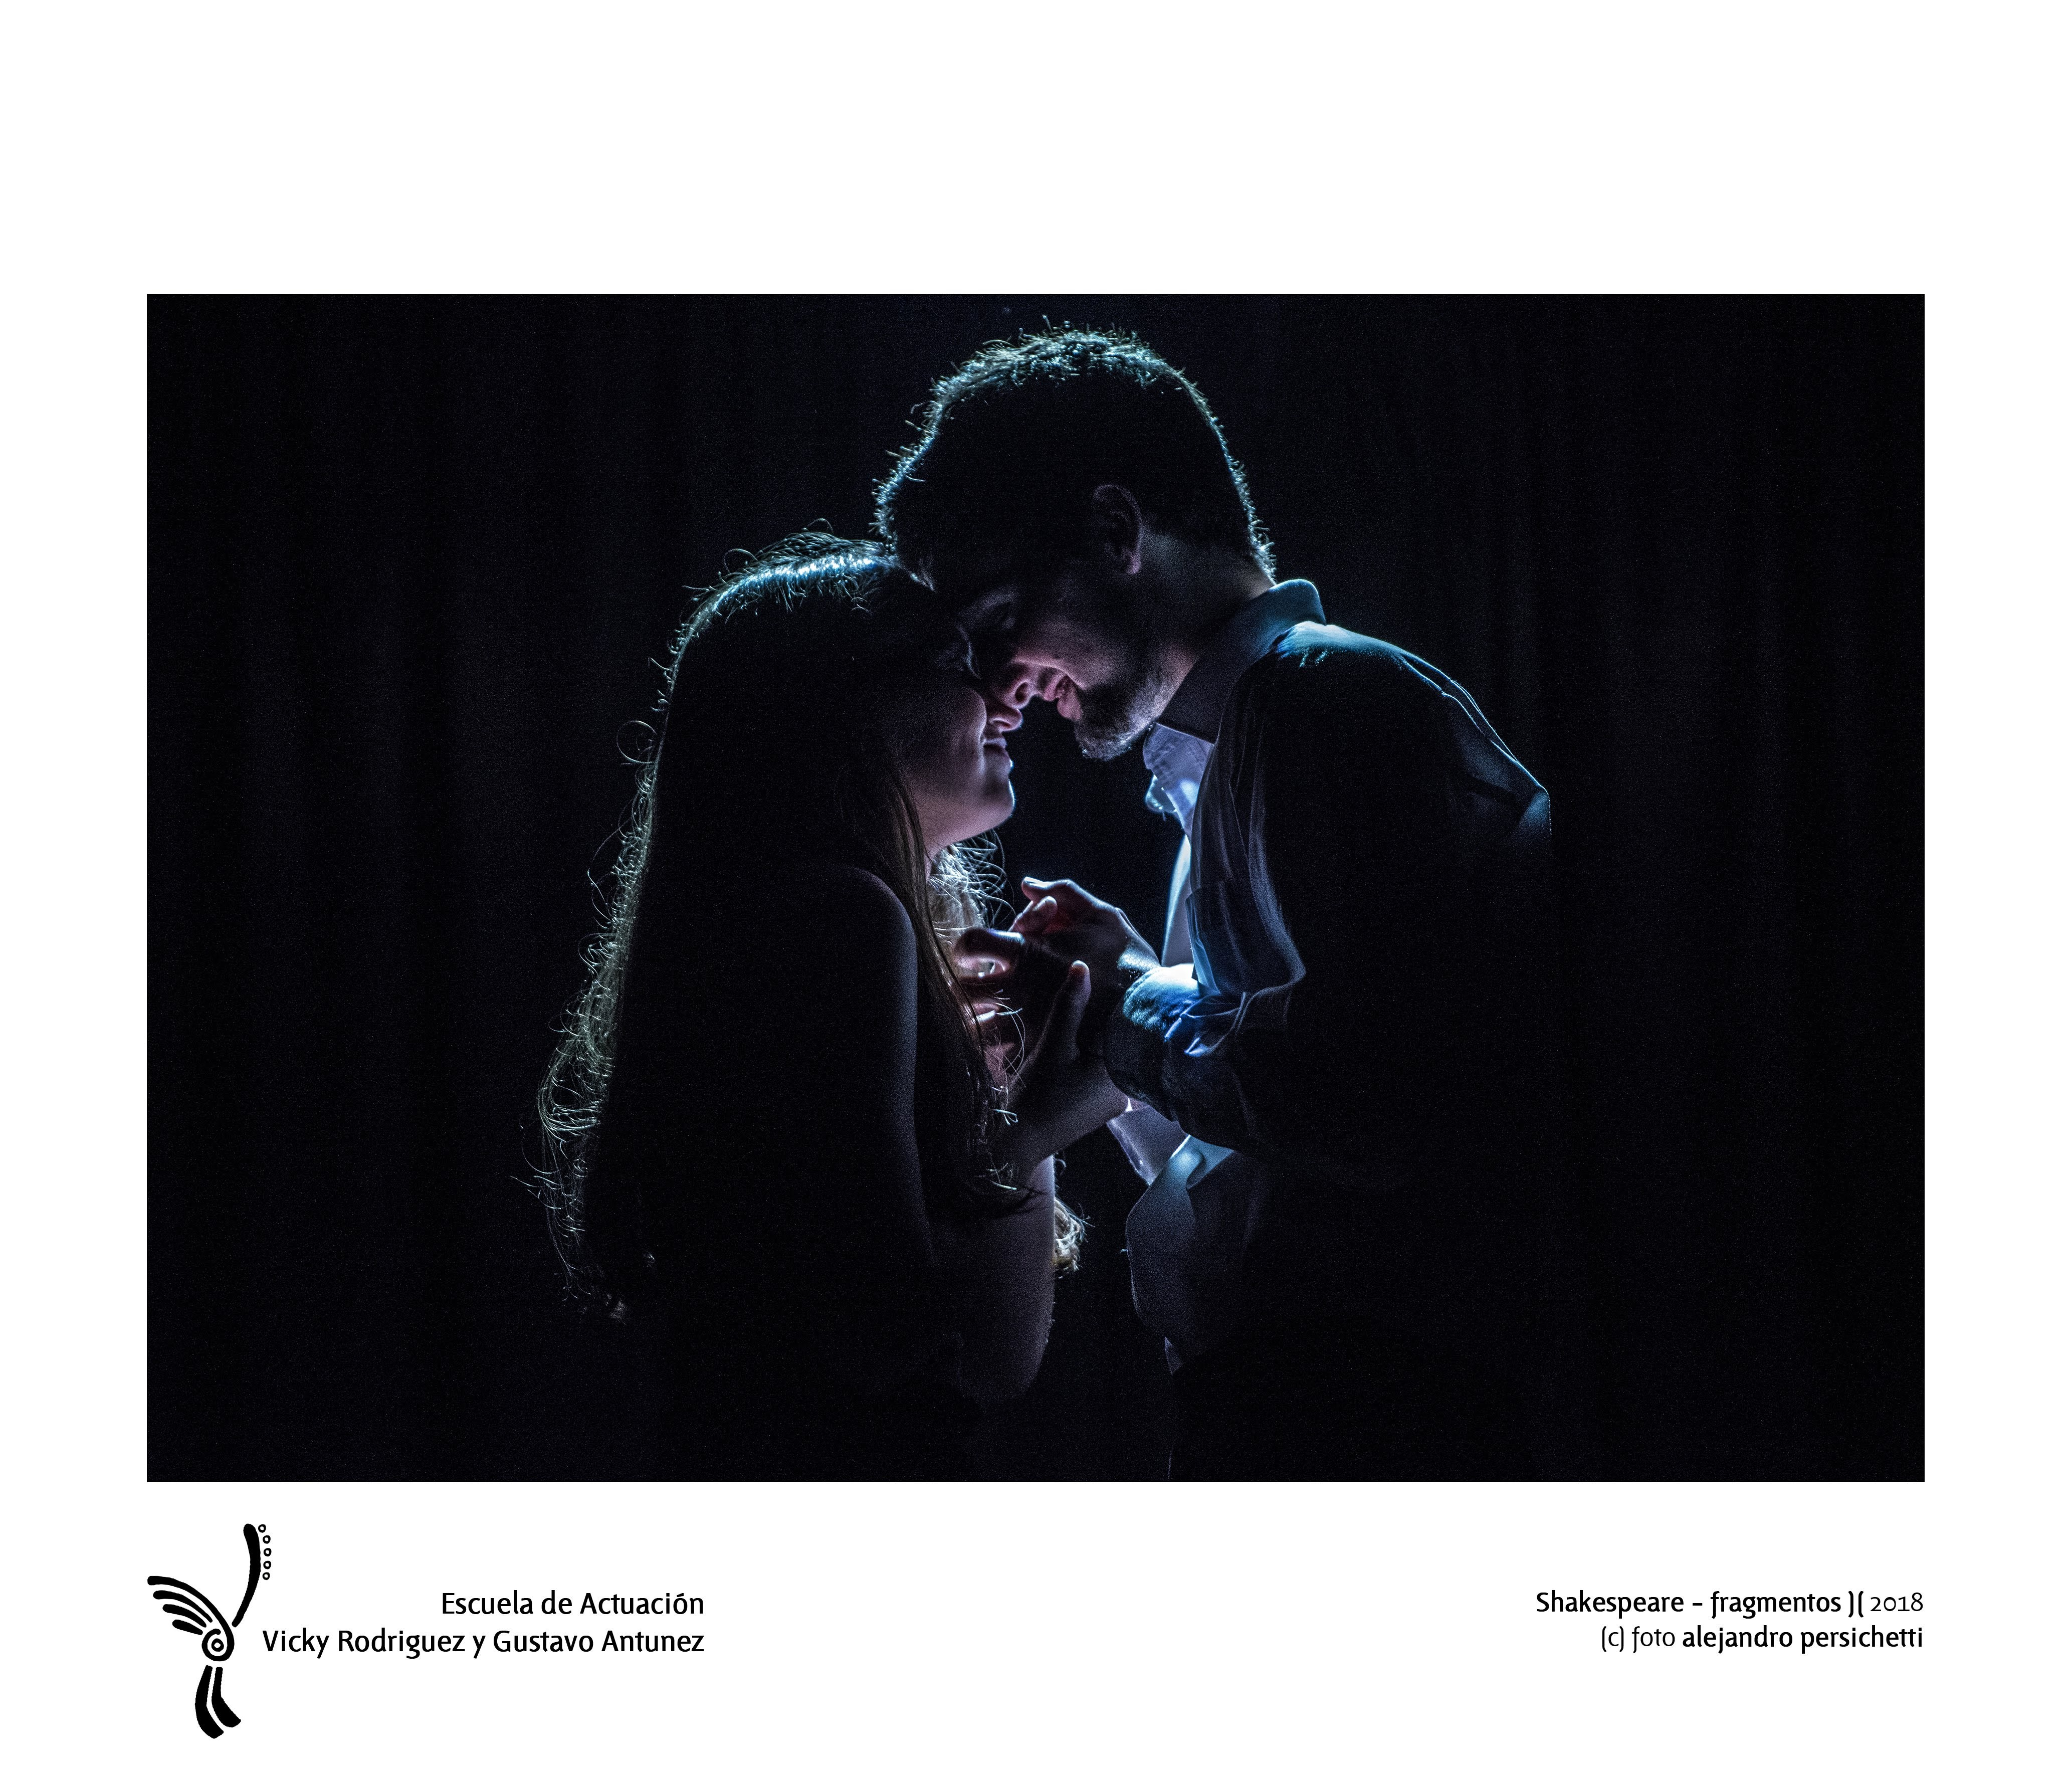 2018 Shakespeare - Fragmentos